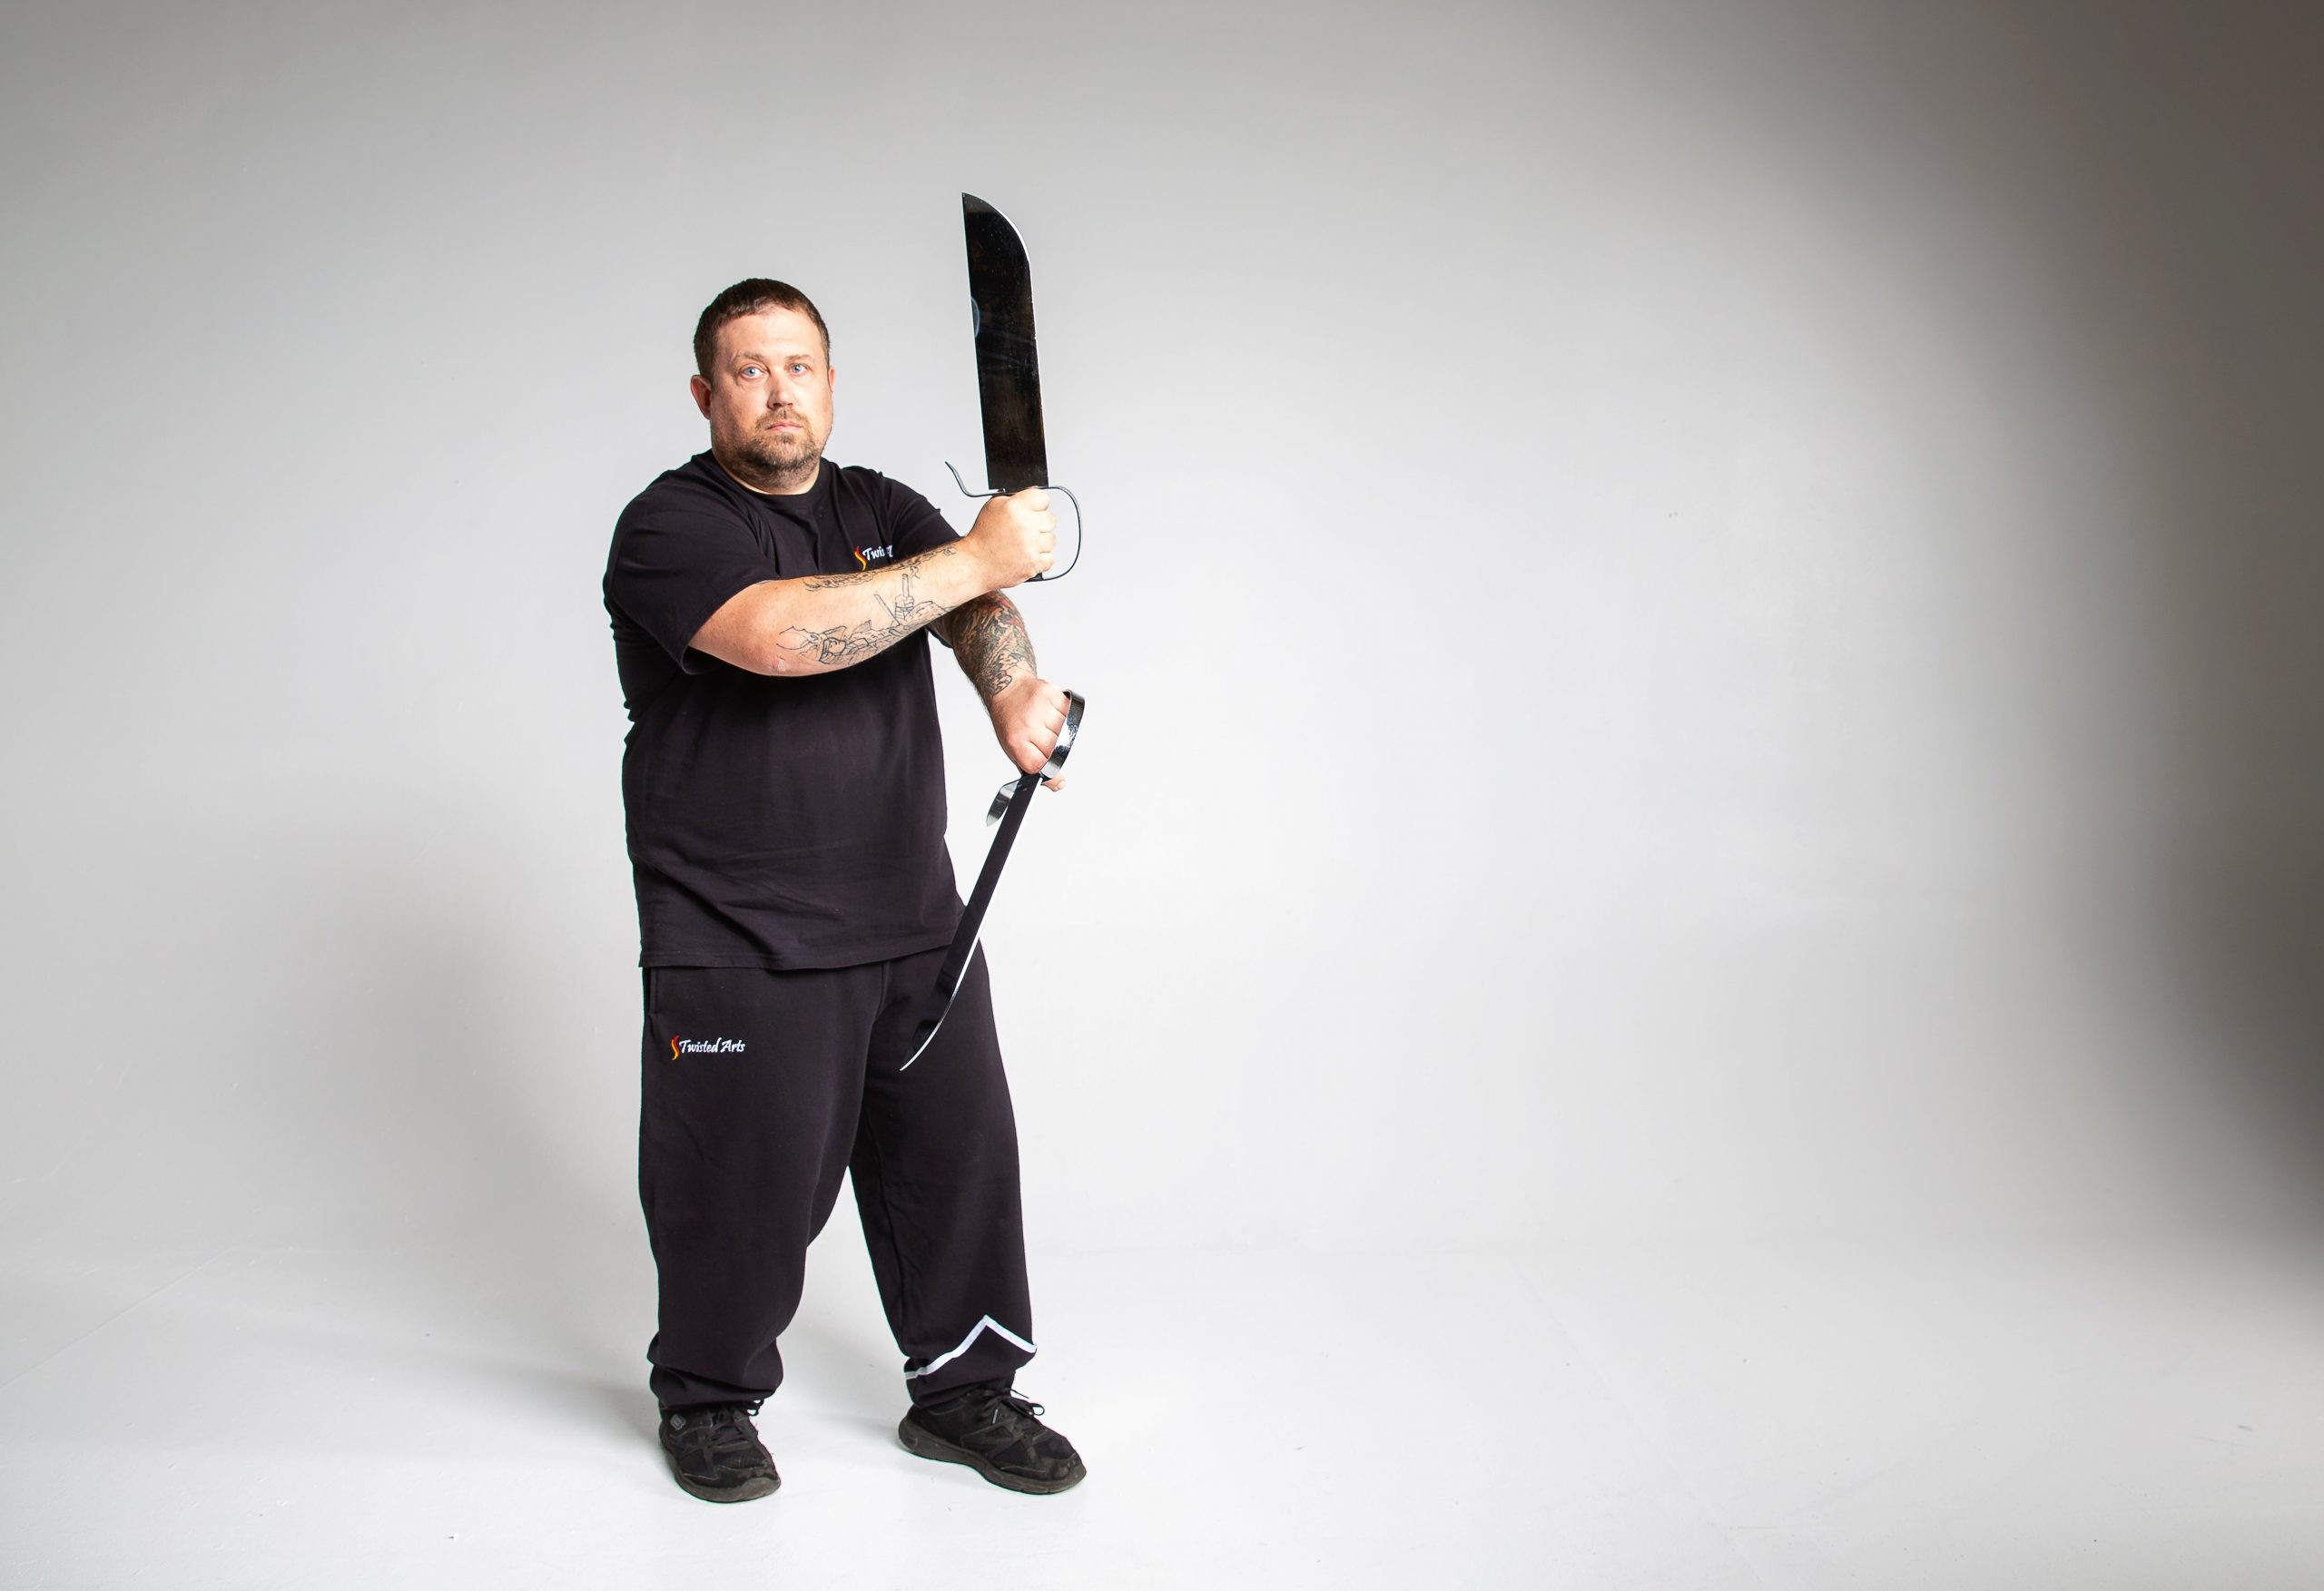 Adult's Wing Chun